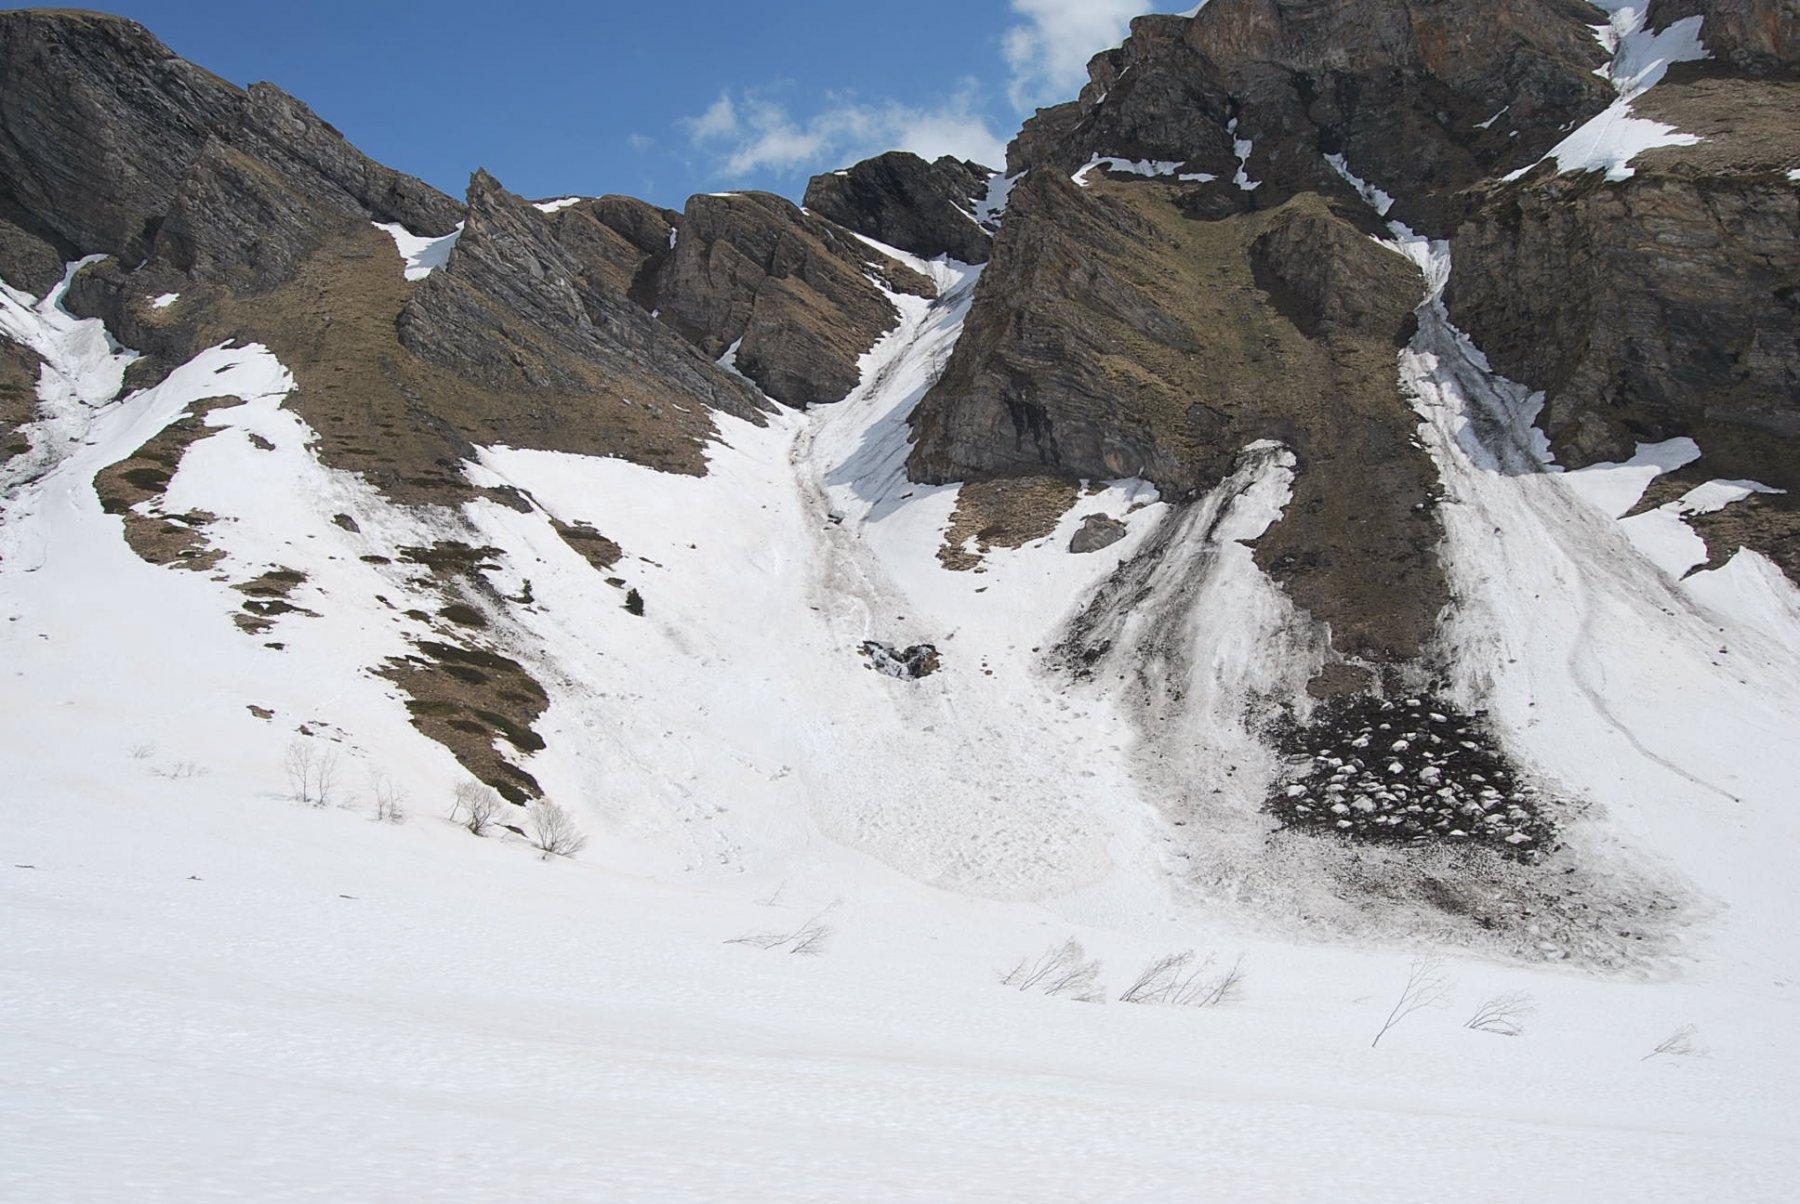 Alla base del canalone dove corre il sentiero che sale all'alpeggio.